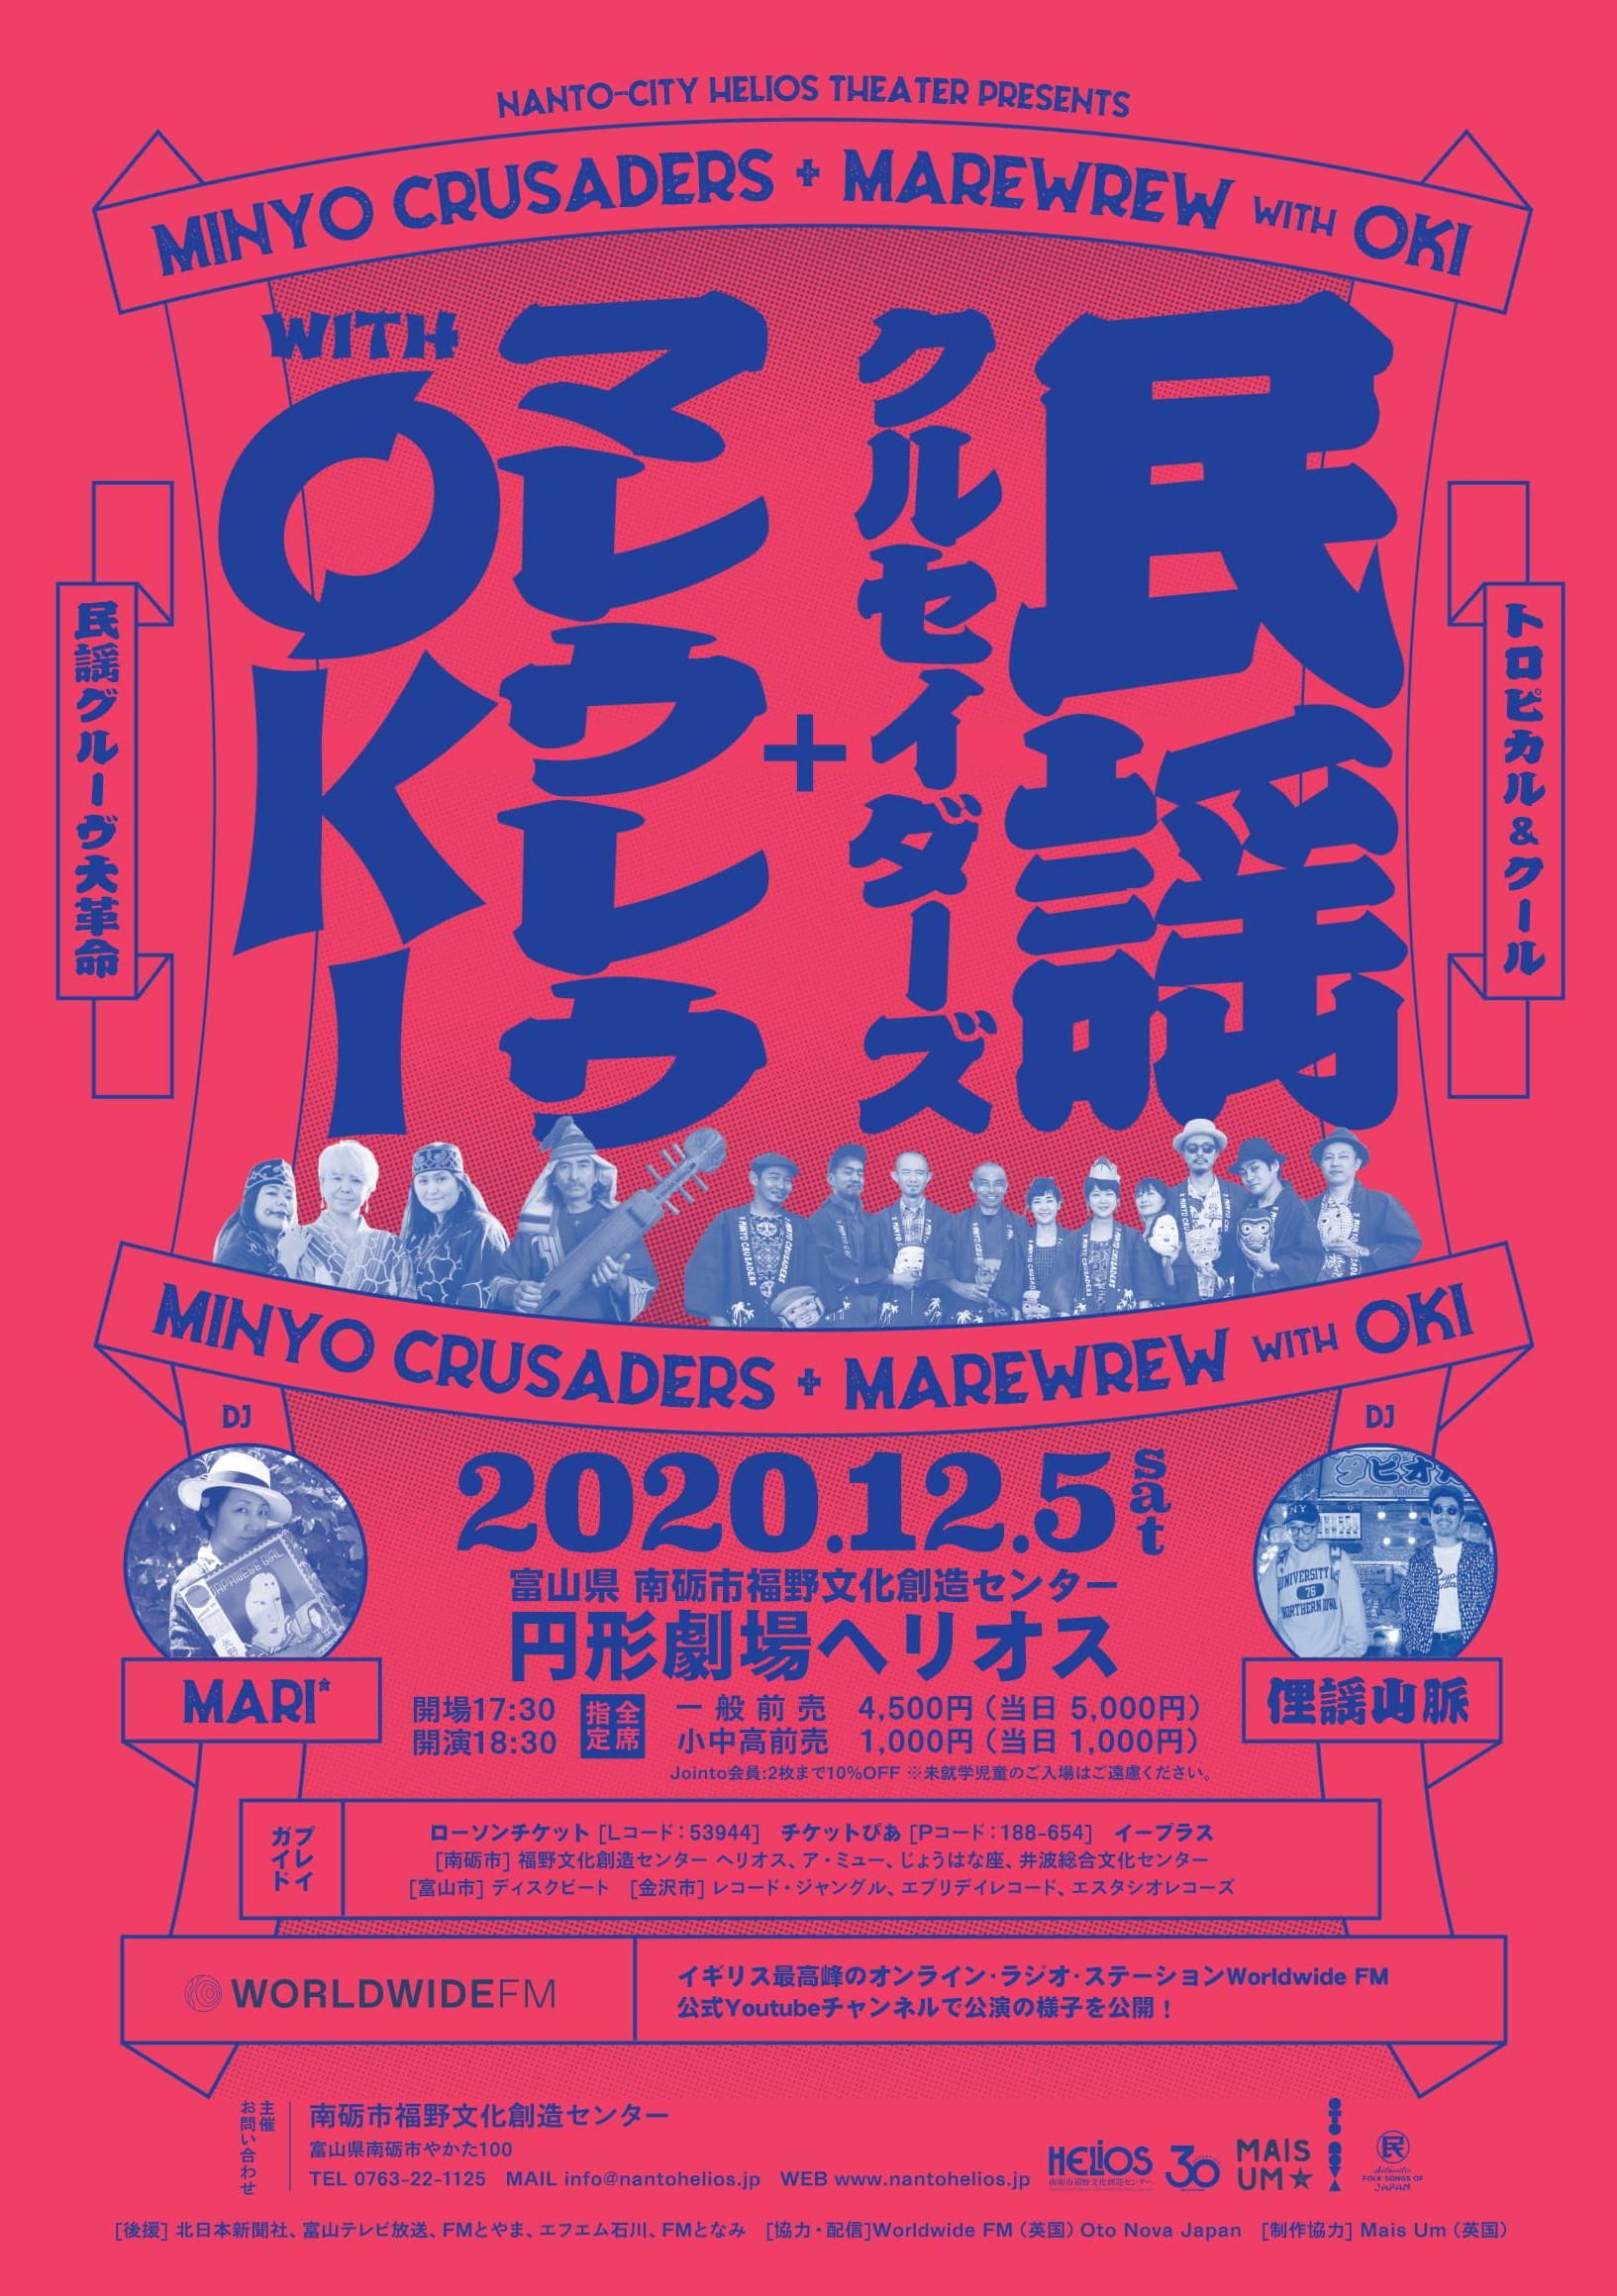 【開催決定】民謡クルセイダーズ+マレウレウ with OKIの画像